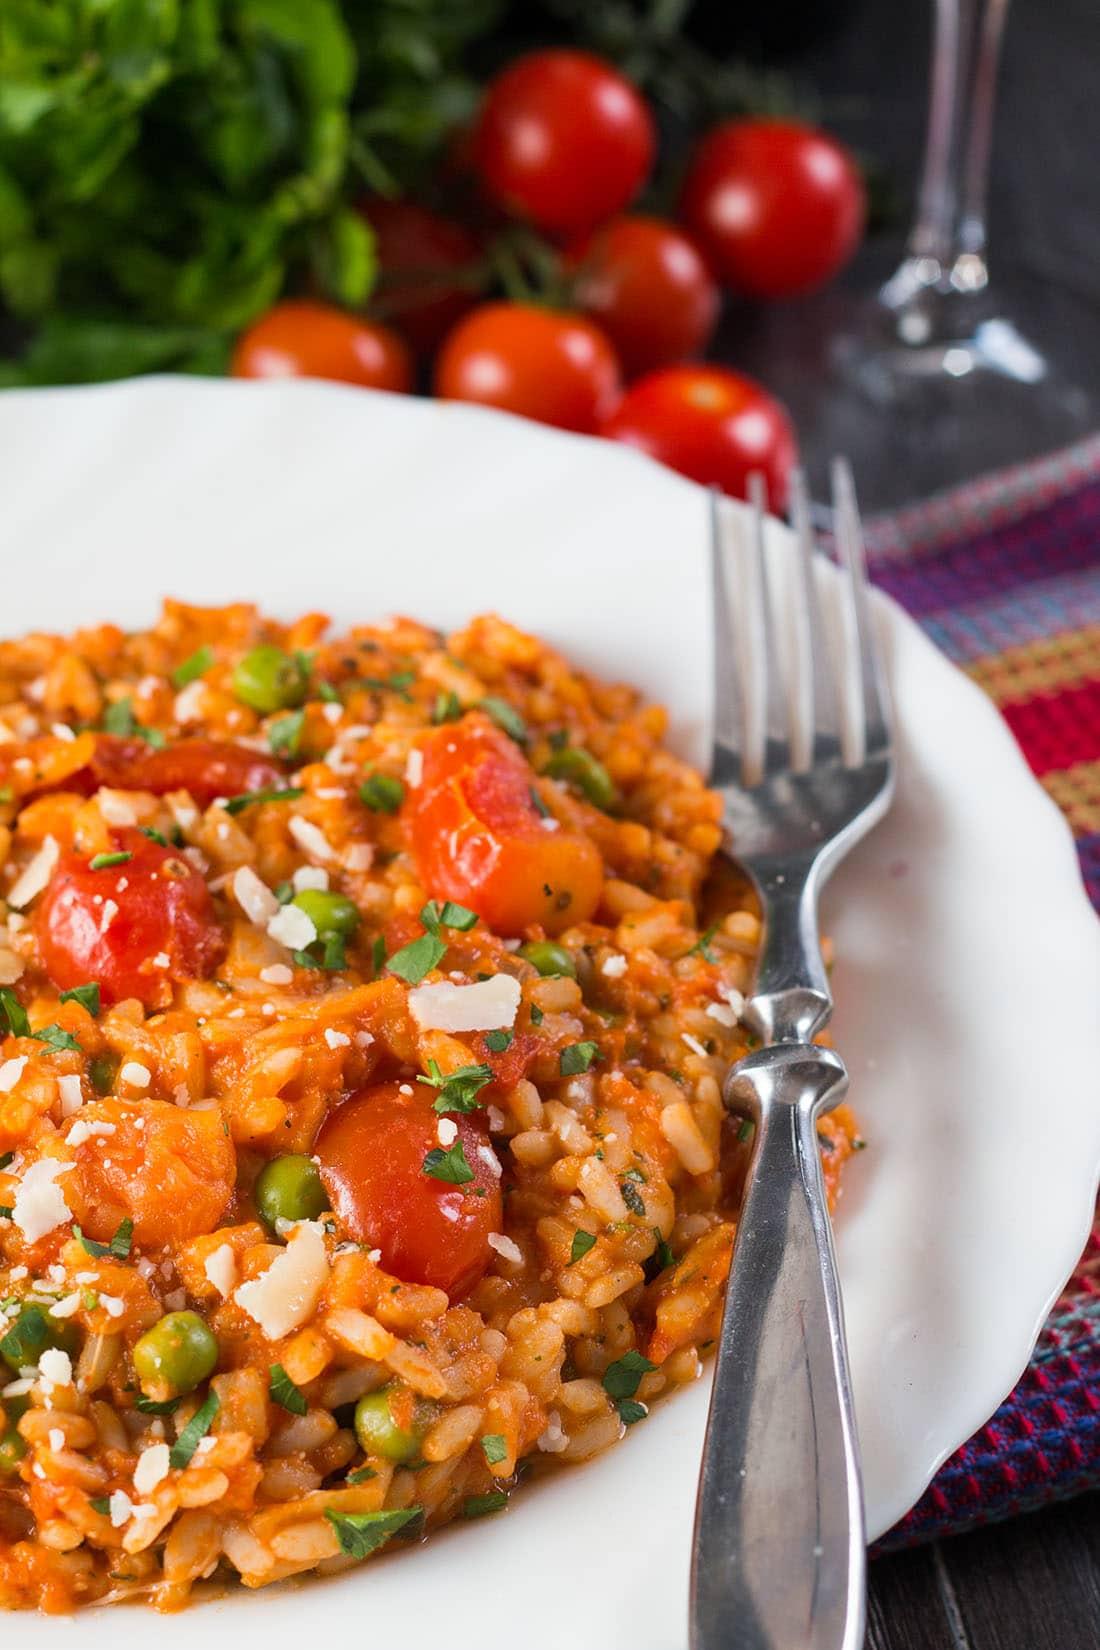 Roast tomato and pea risotto